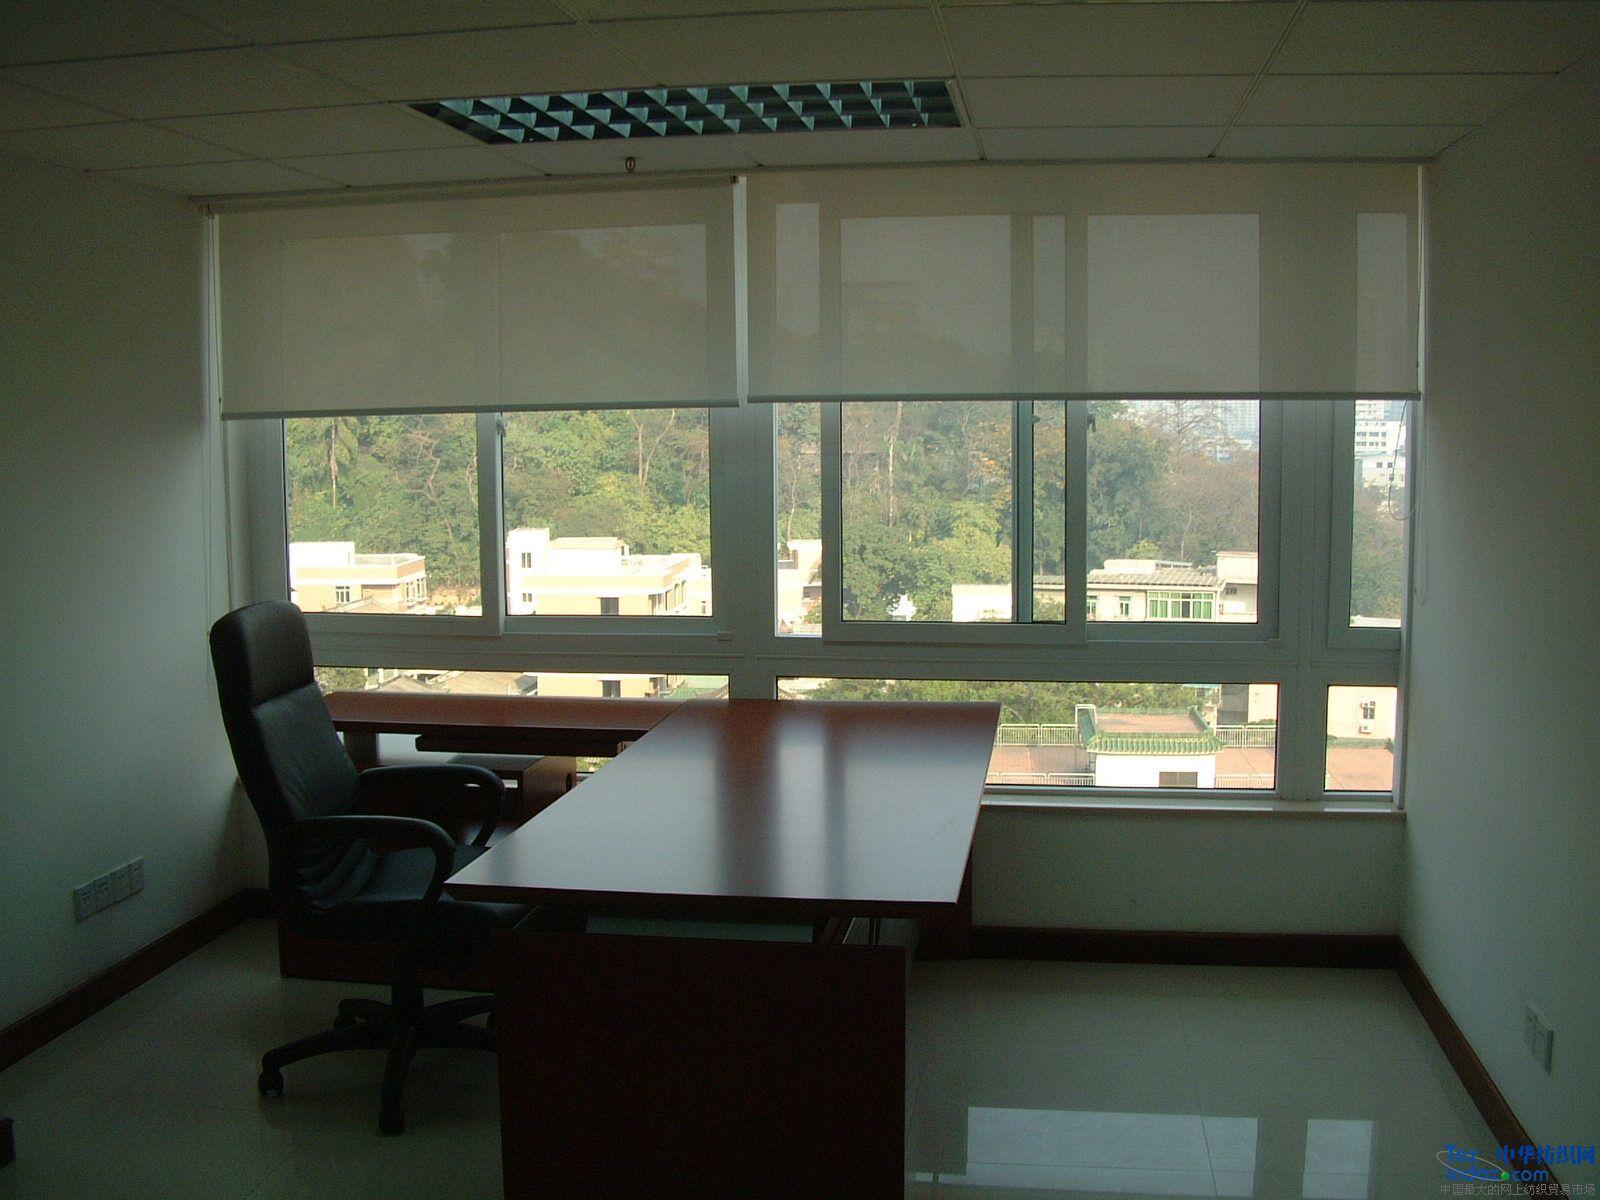 弧形窗户装修效果图 弧形窗户 弧形窗户怎么装修